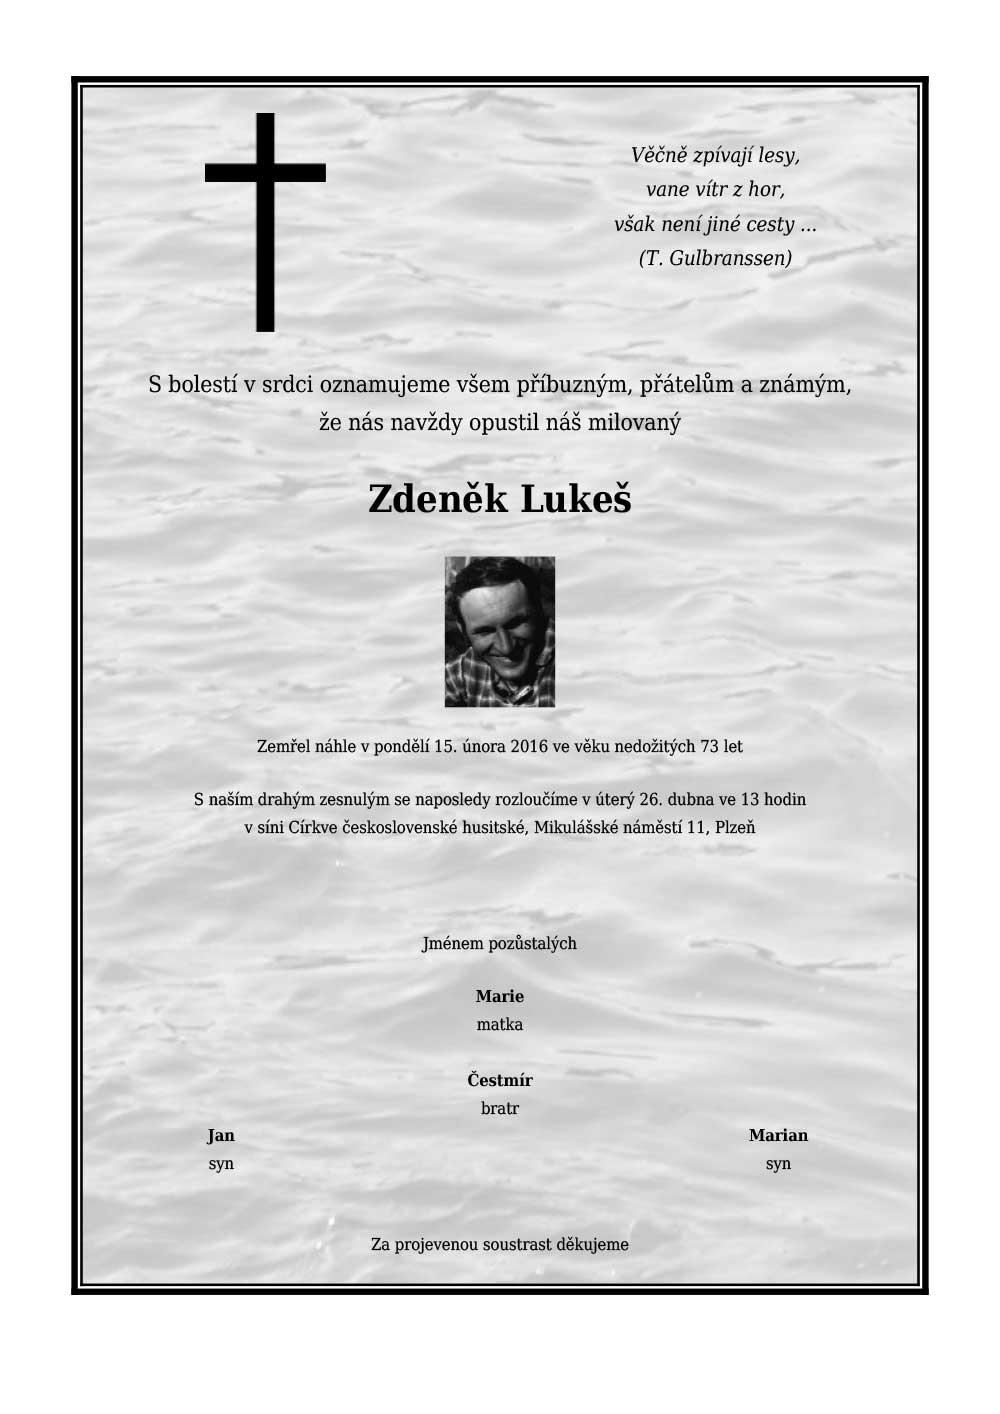 Úmrtní oznámení Zdeňka Lukeše